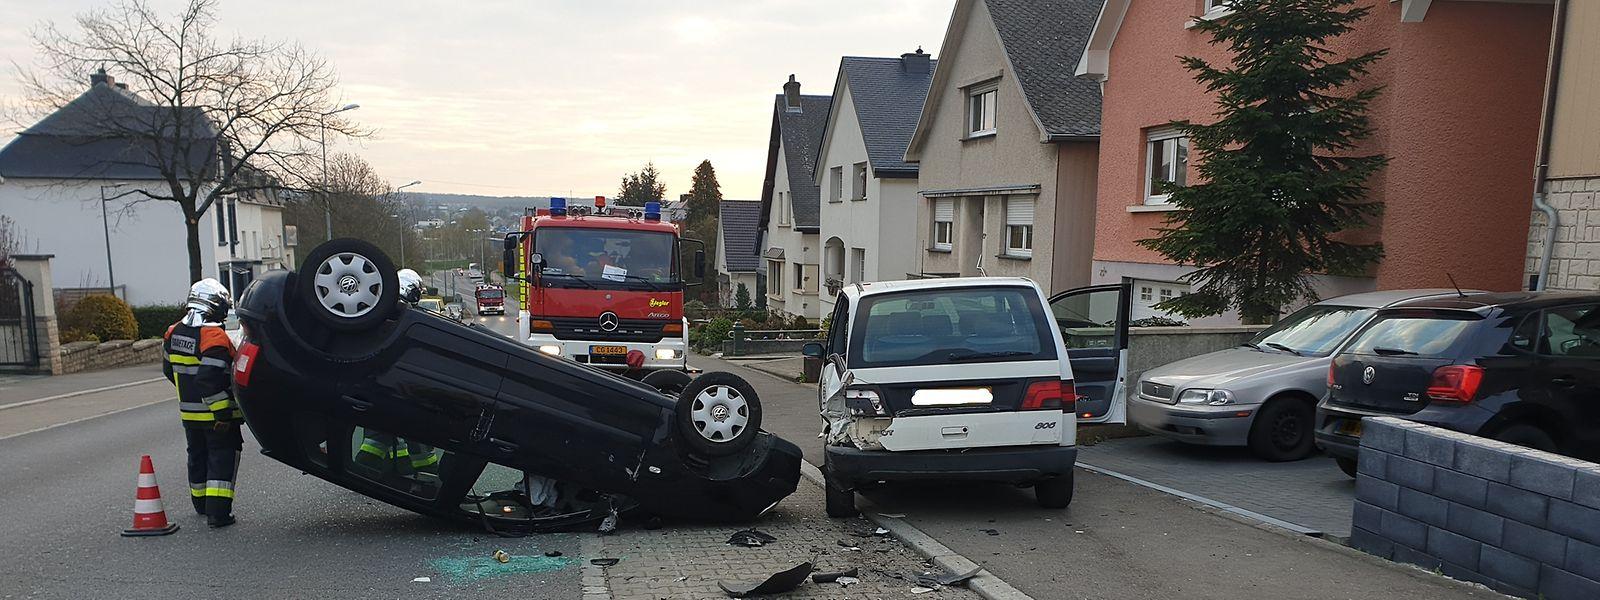 Beide Fahrzeuge wurden bei dem Aufprall erheblich beschädigt.